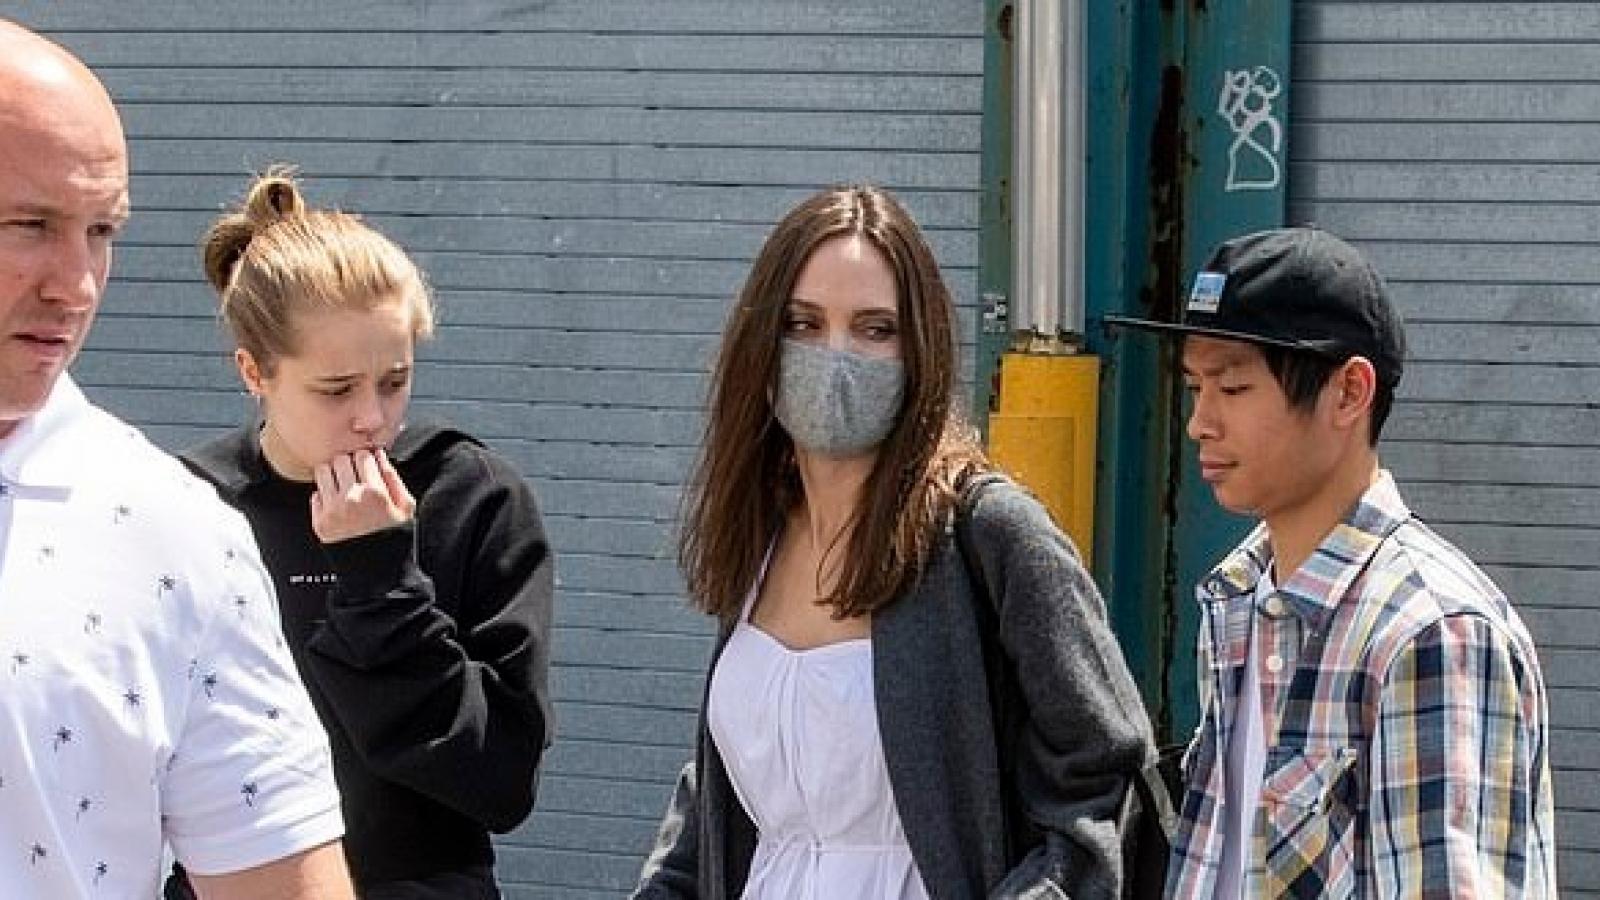 Angelina Jolie hào hứng đưa các con đến phòng tranh của nghệ sĩ Daniel Arsham